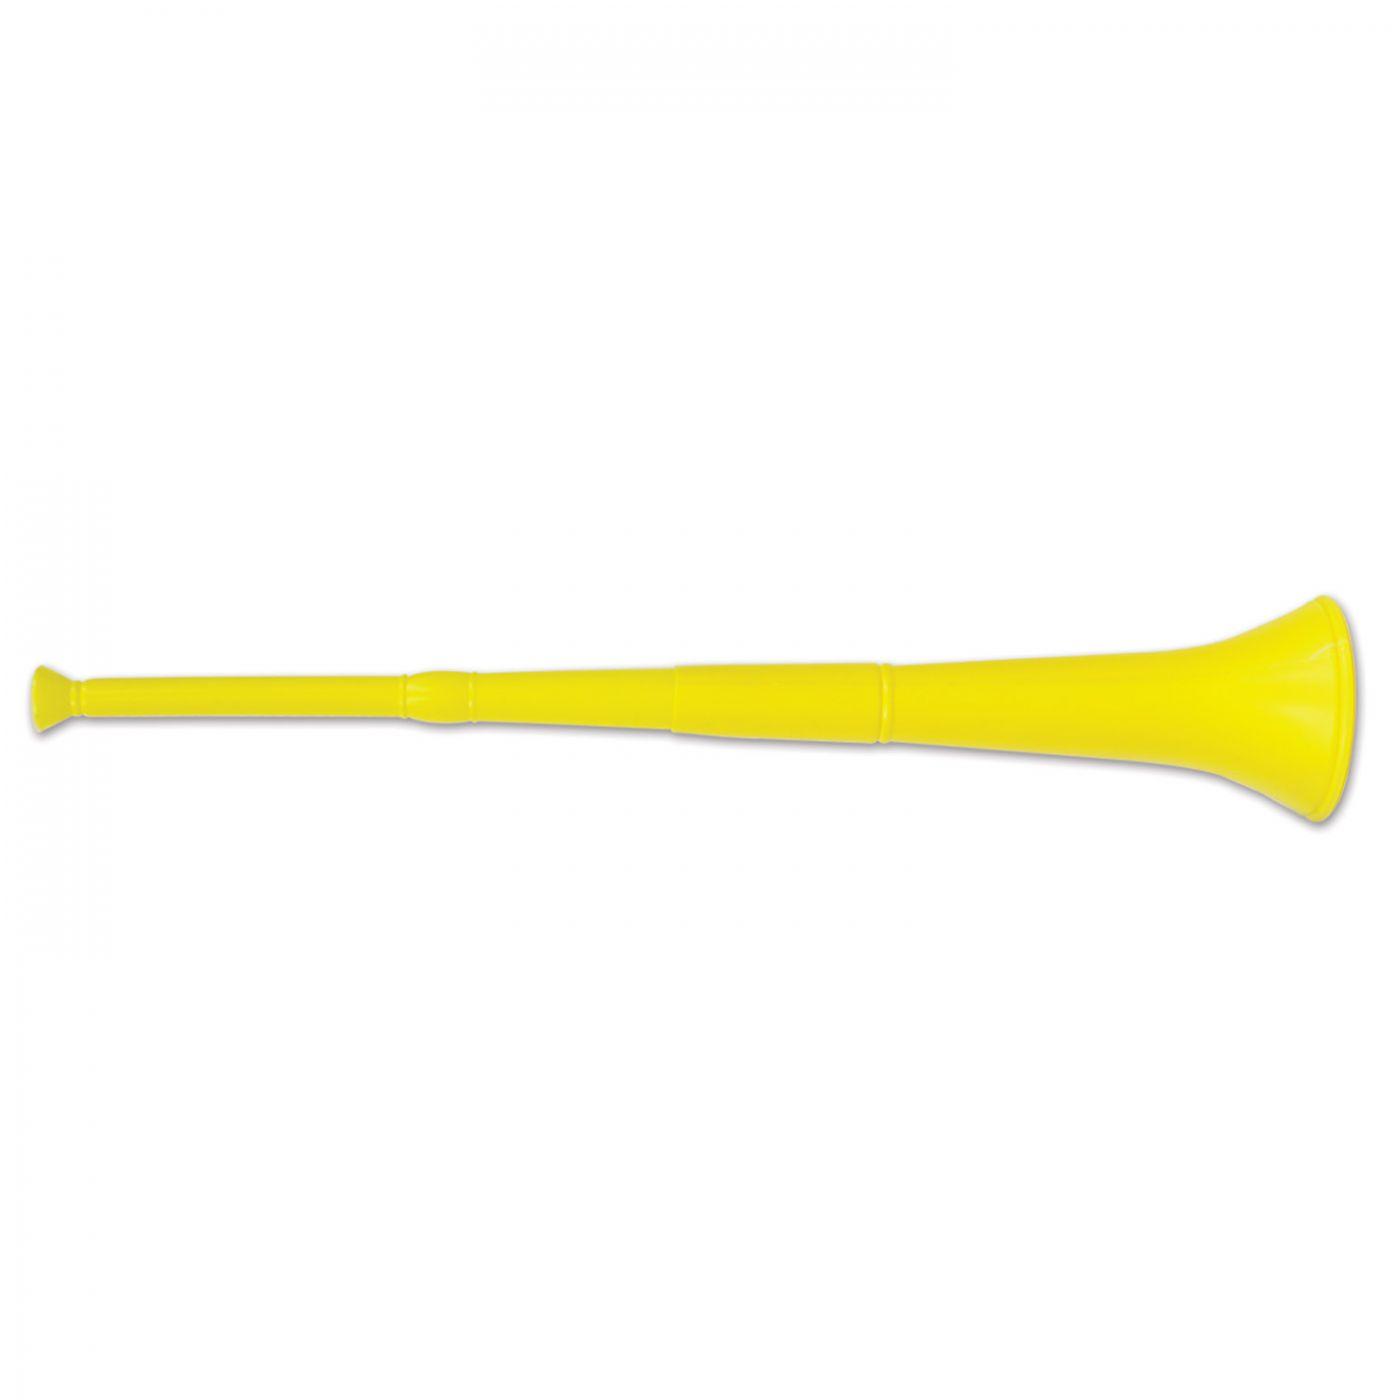 Stadium Horn image